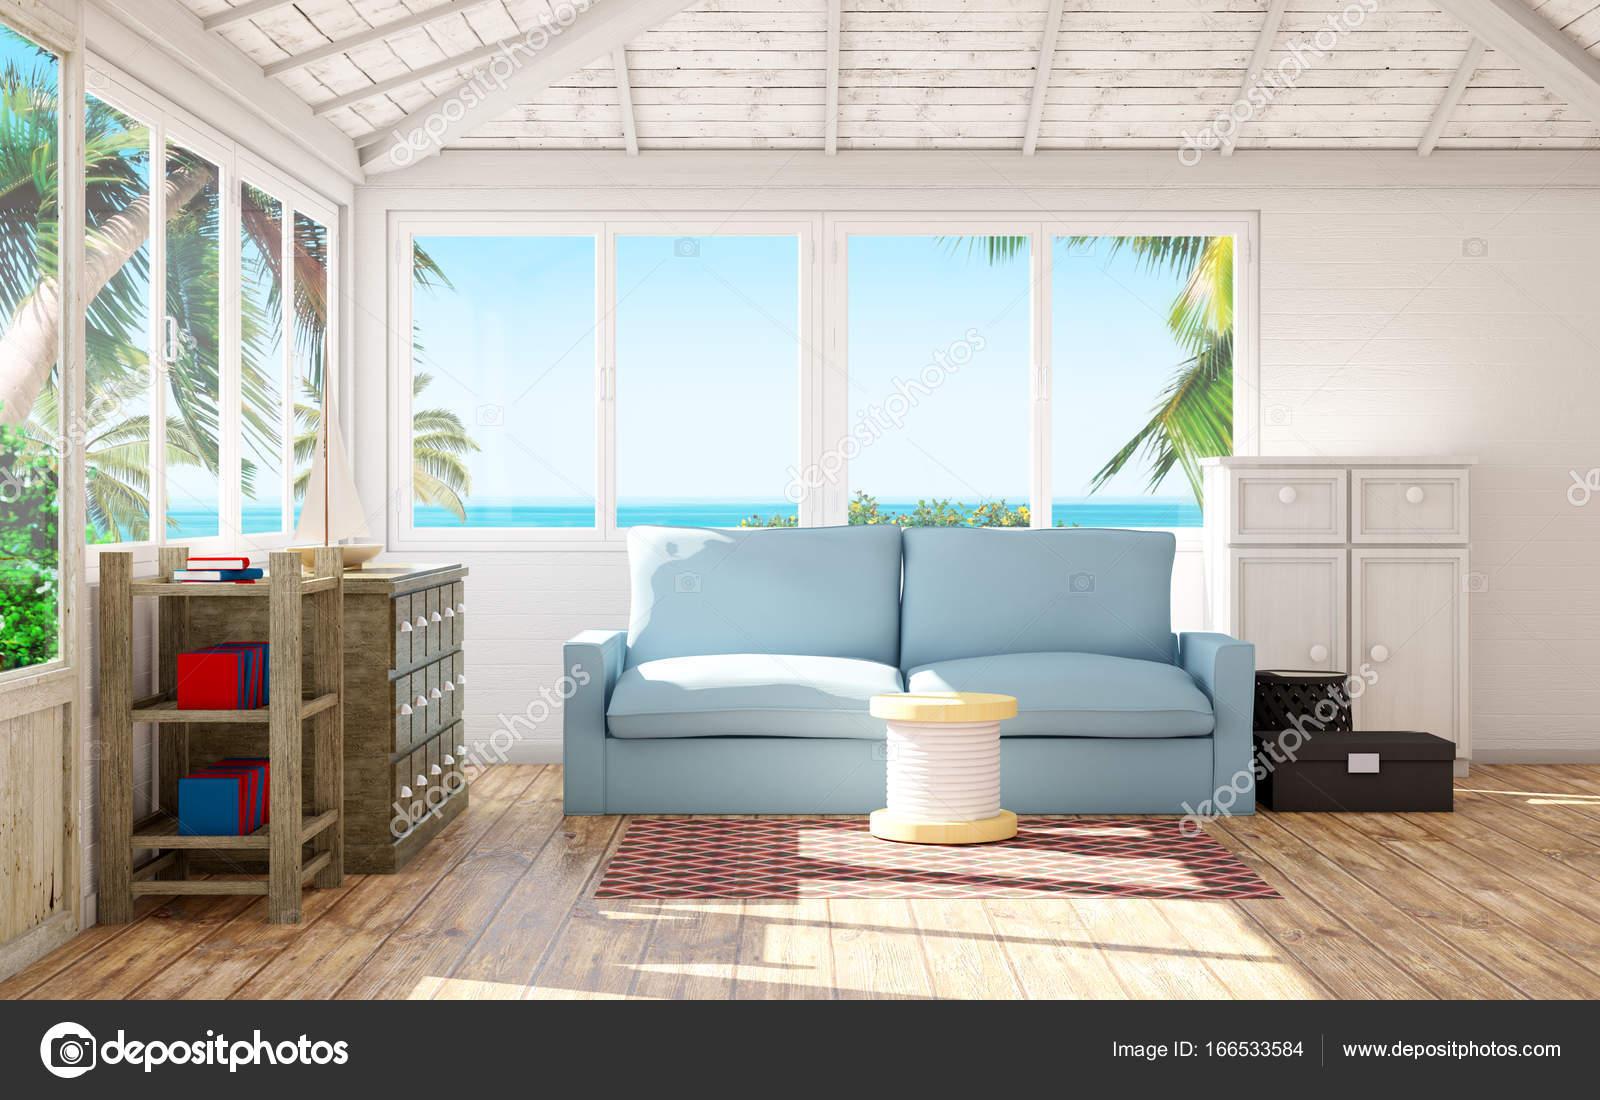 strand huis interieur stockfoto